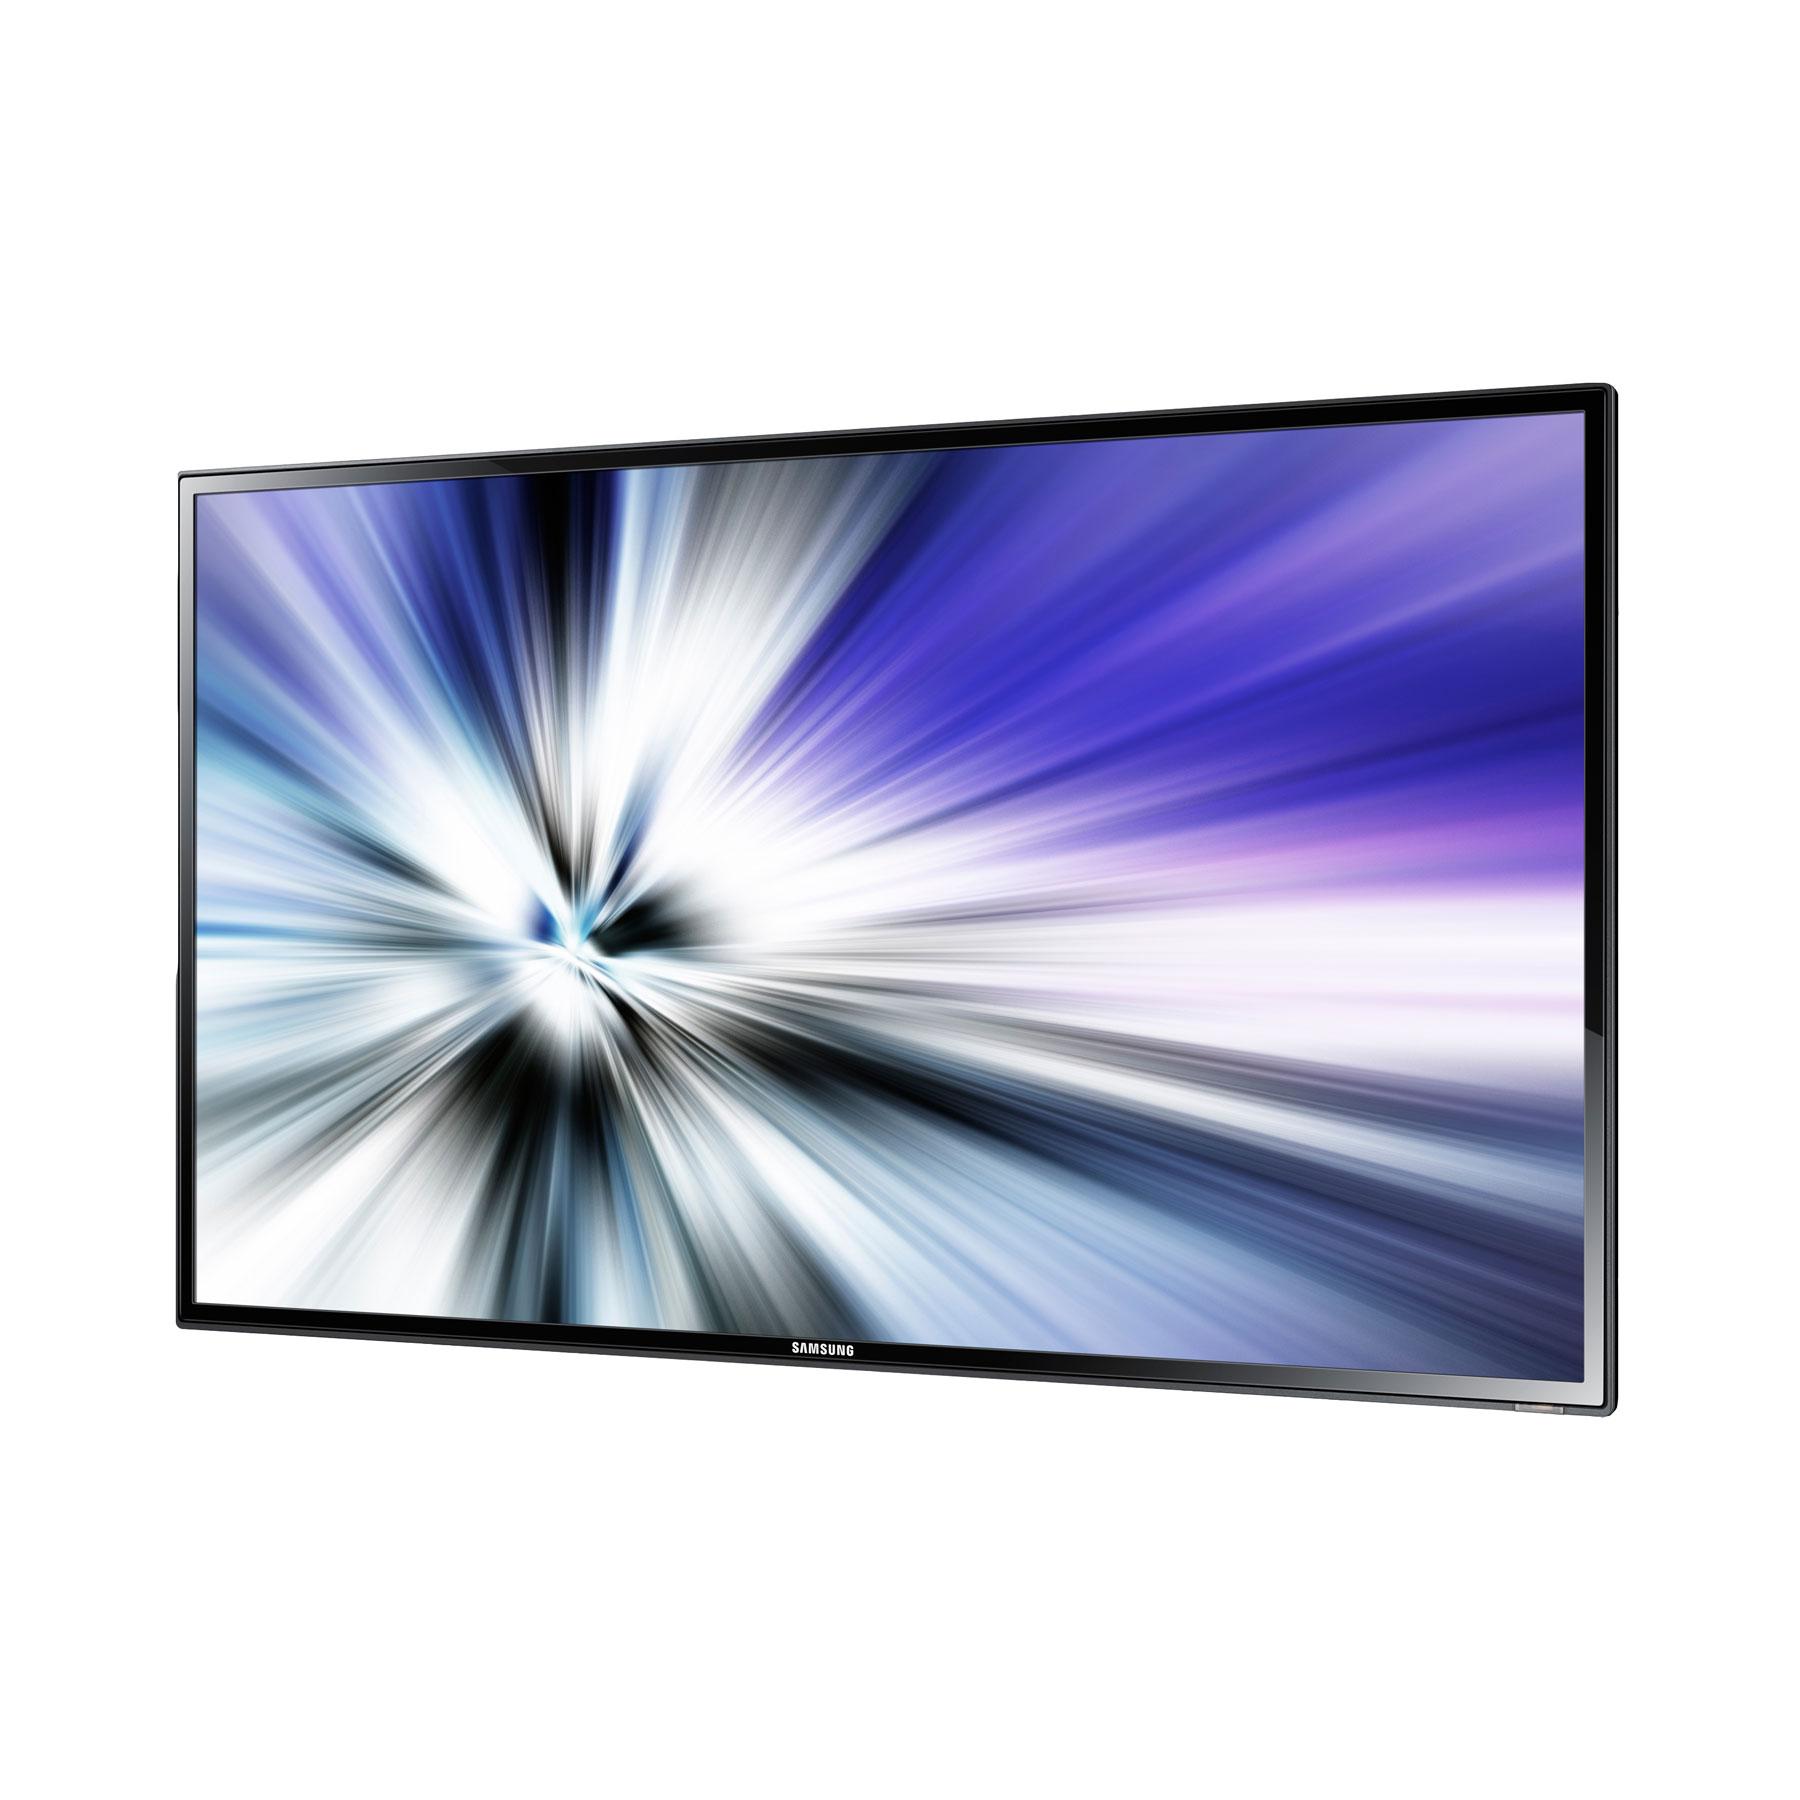 Samsung 40 led me40c ecran dynamique samsung sur for Samsung photo ecran